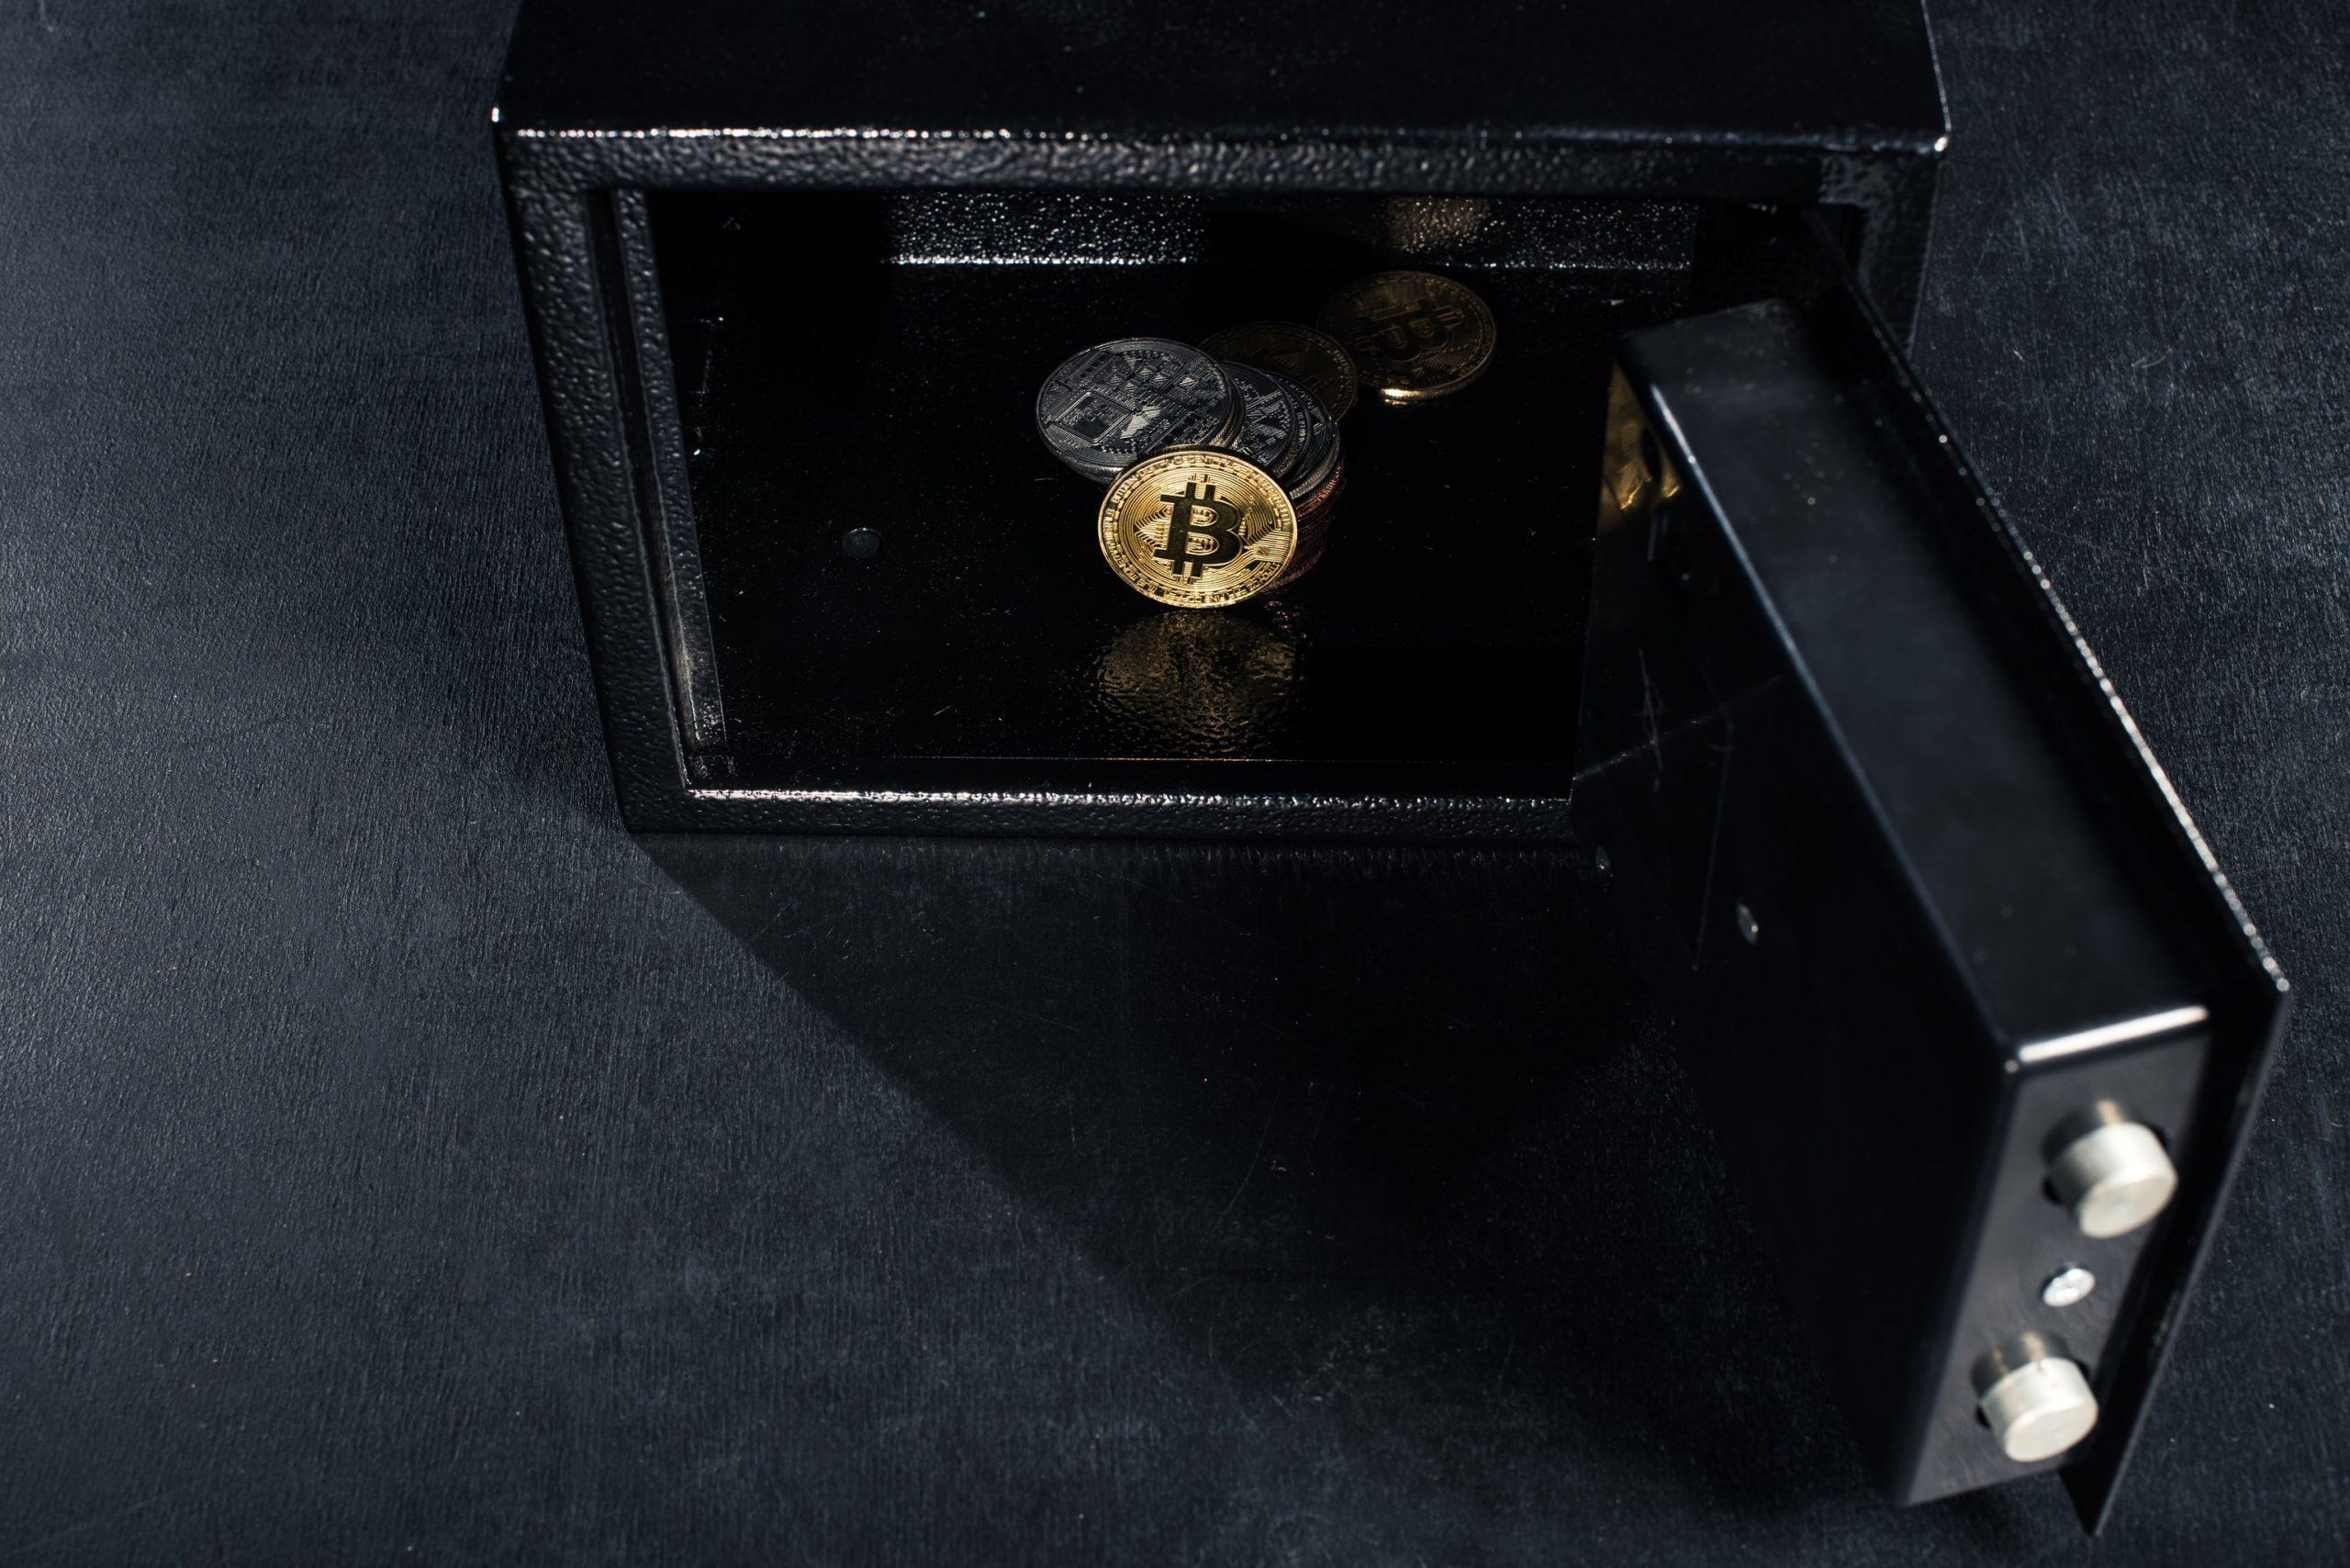 Offener Safe, darin eine Bitcoin-Münze